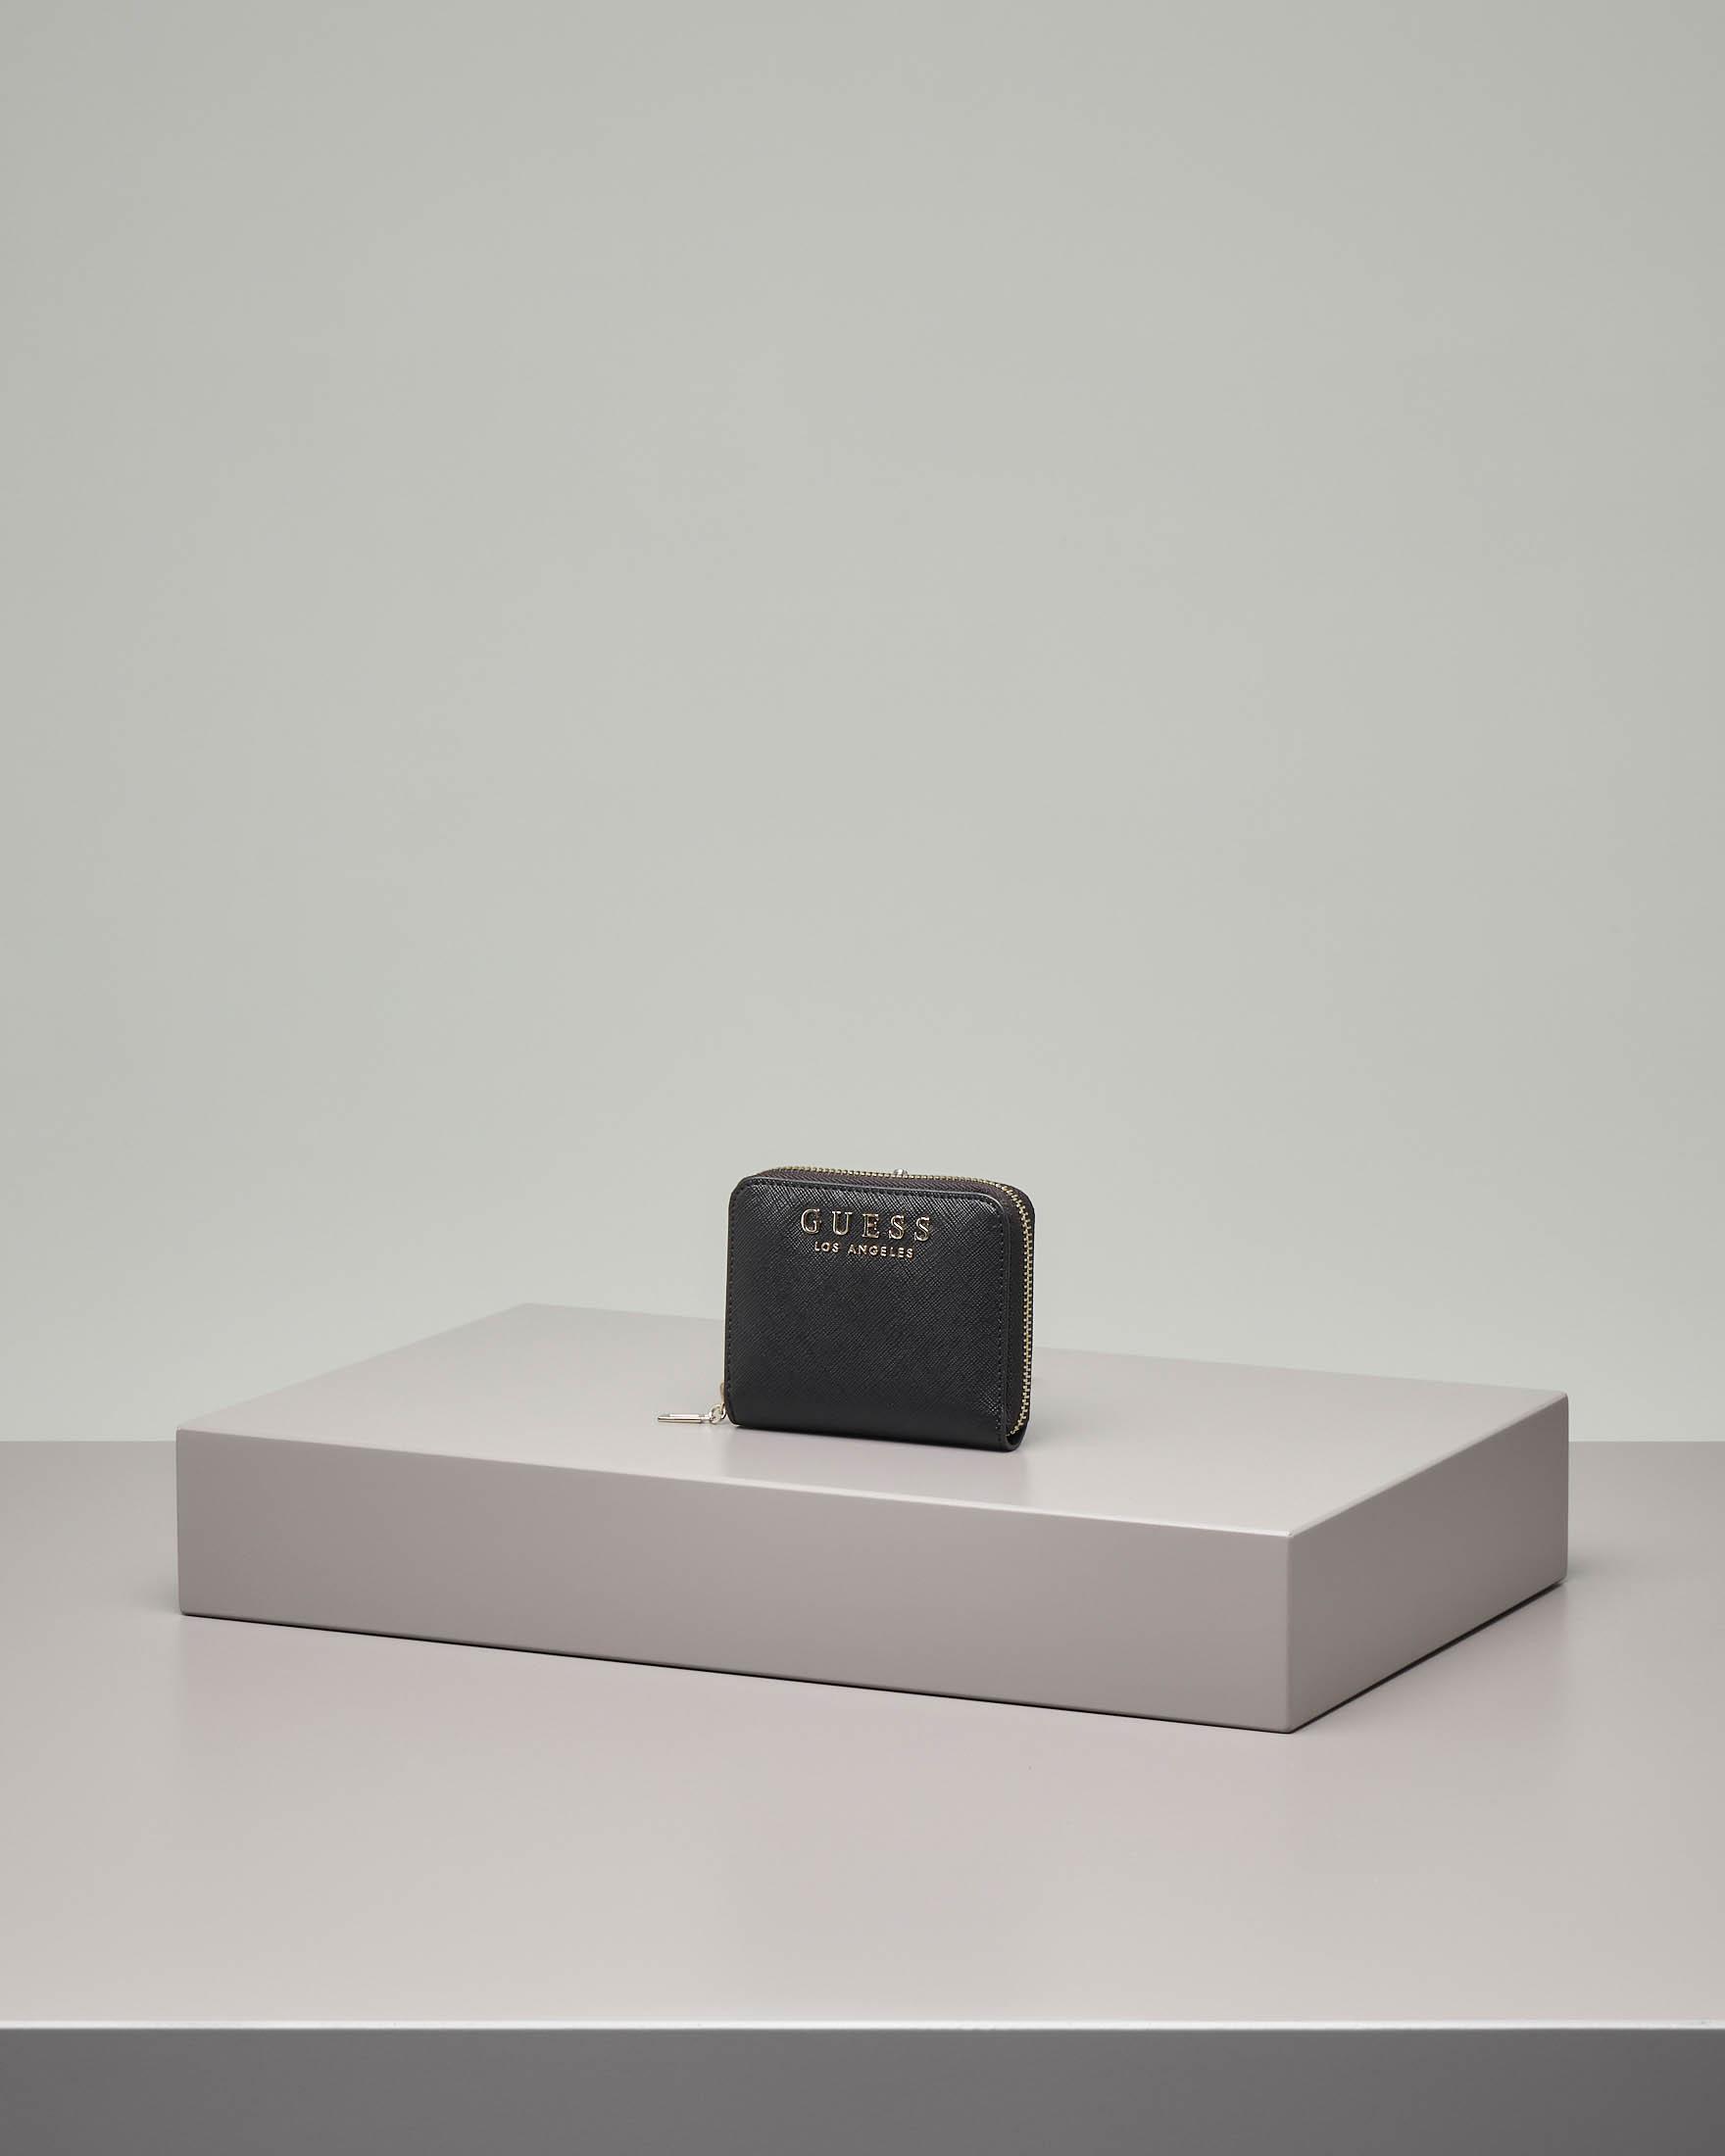 Portafoglio nero in ecopelle effetto saffiano misura piccola con chiusura a cerniera